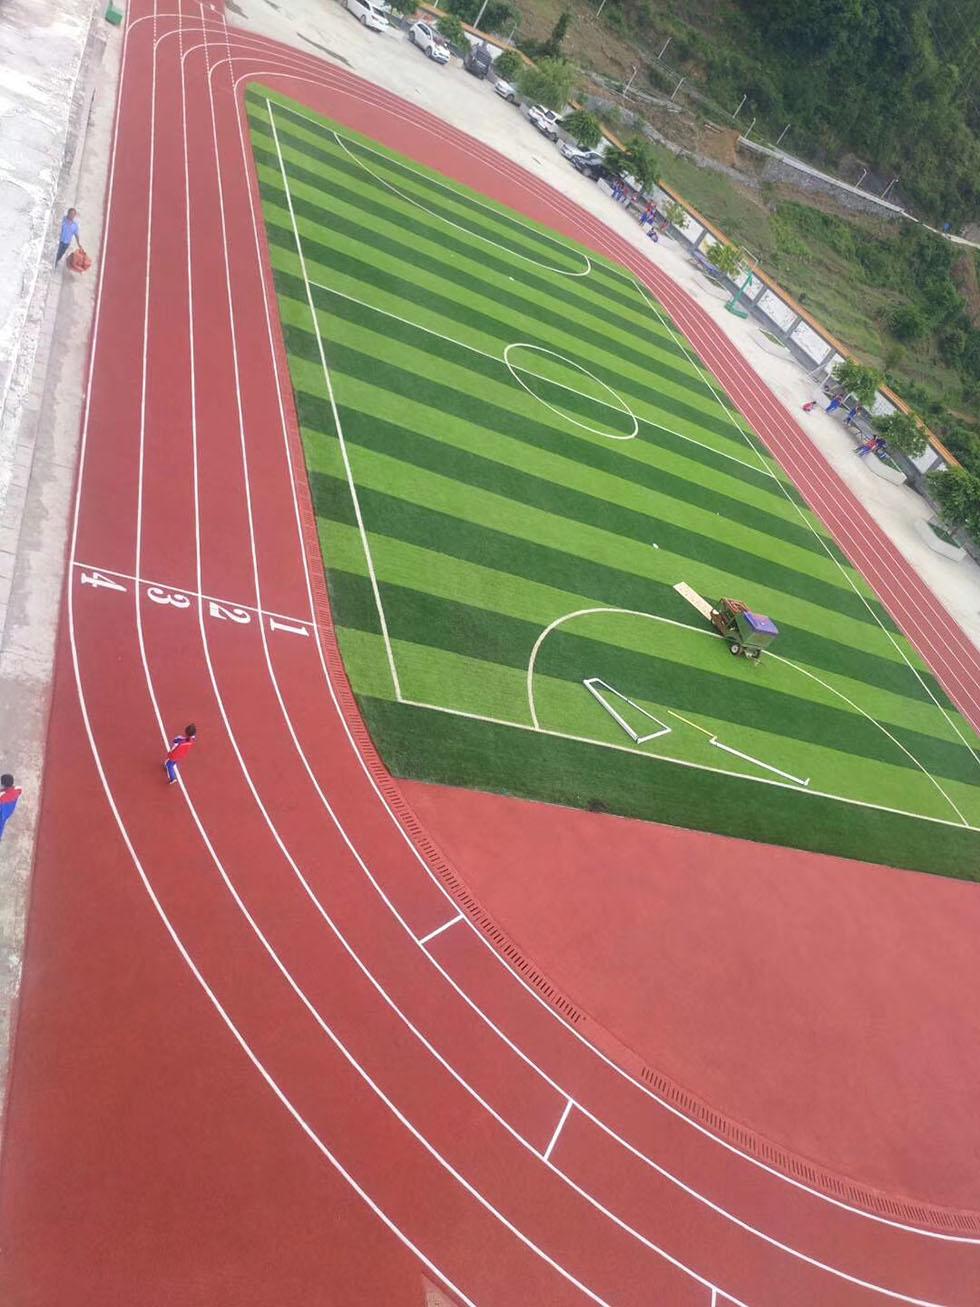 硅pu球场  硅PU球场运动地板的性能介绍